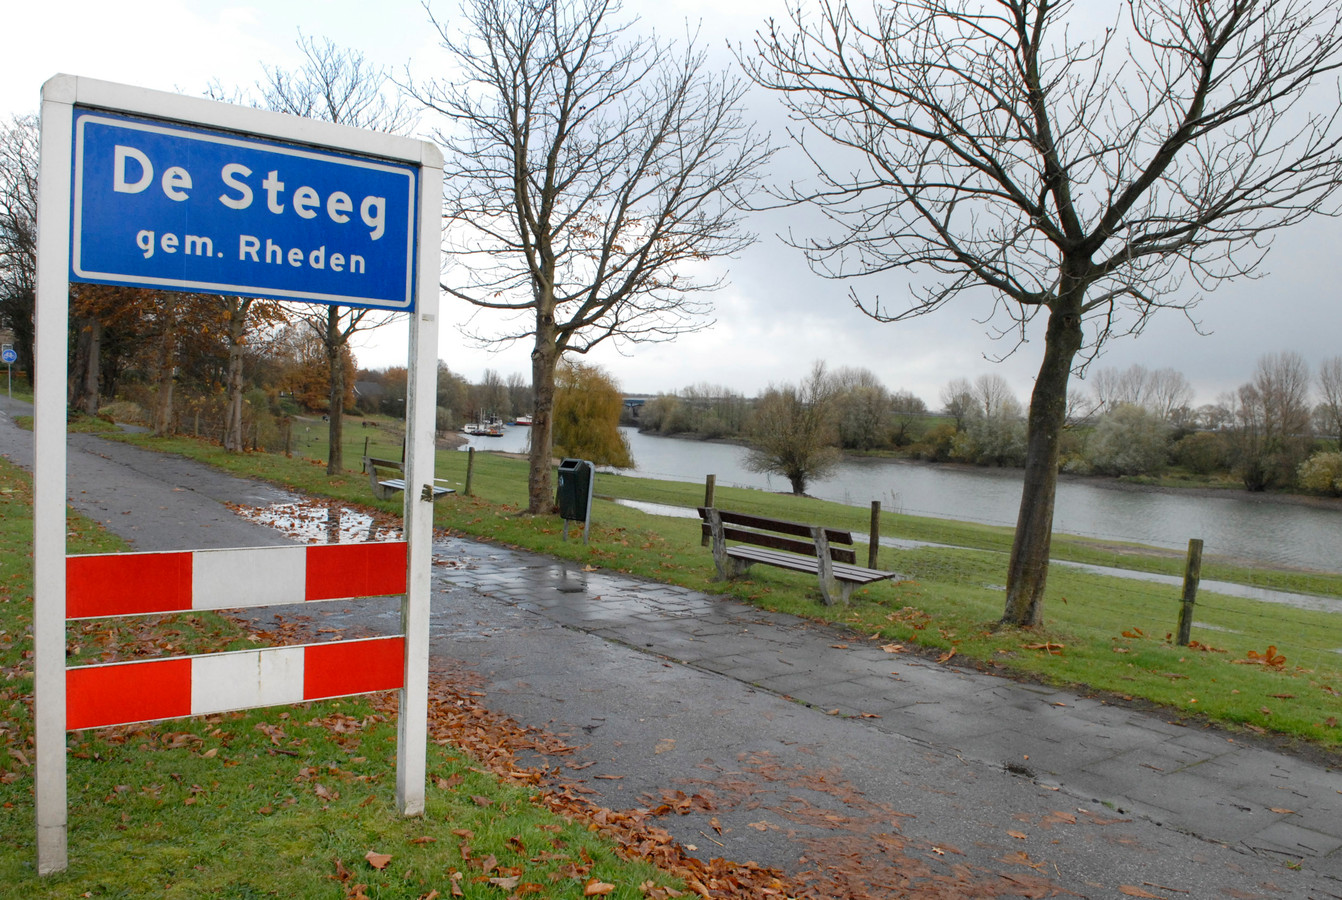 De meeste bezuinigingen in de gemeente Rheden gaan gewoon door.